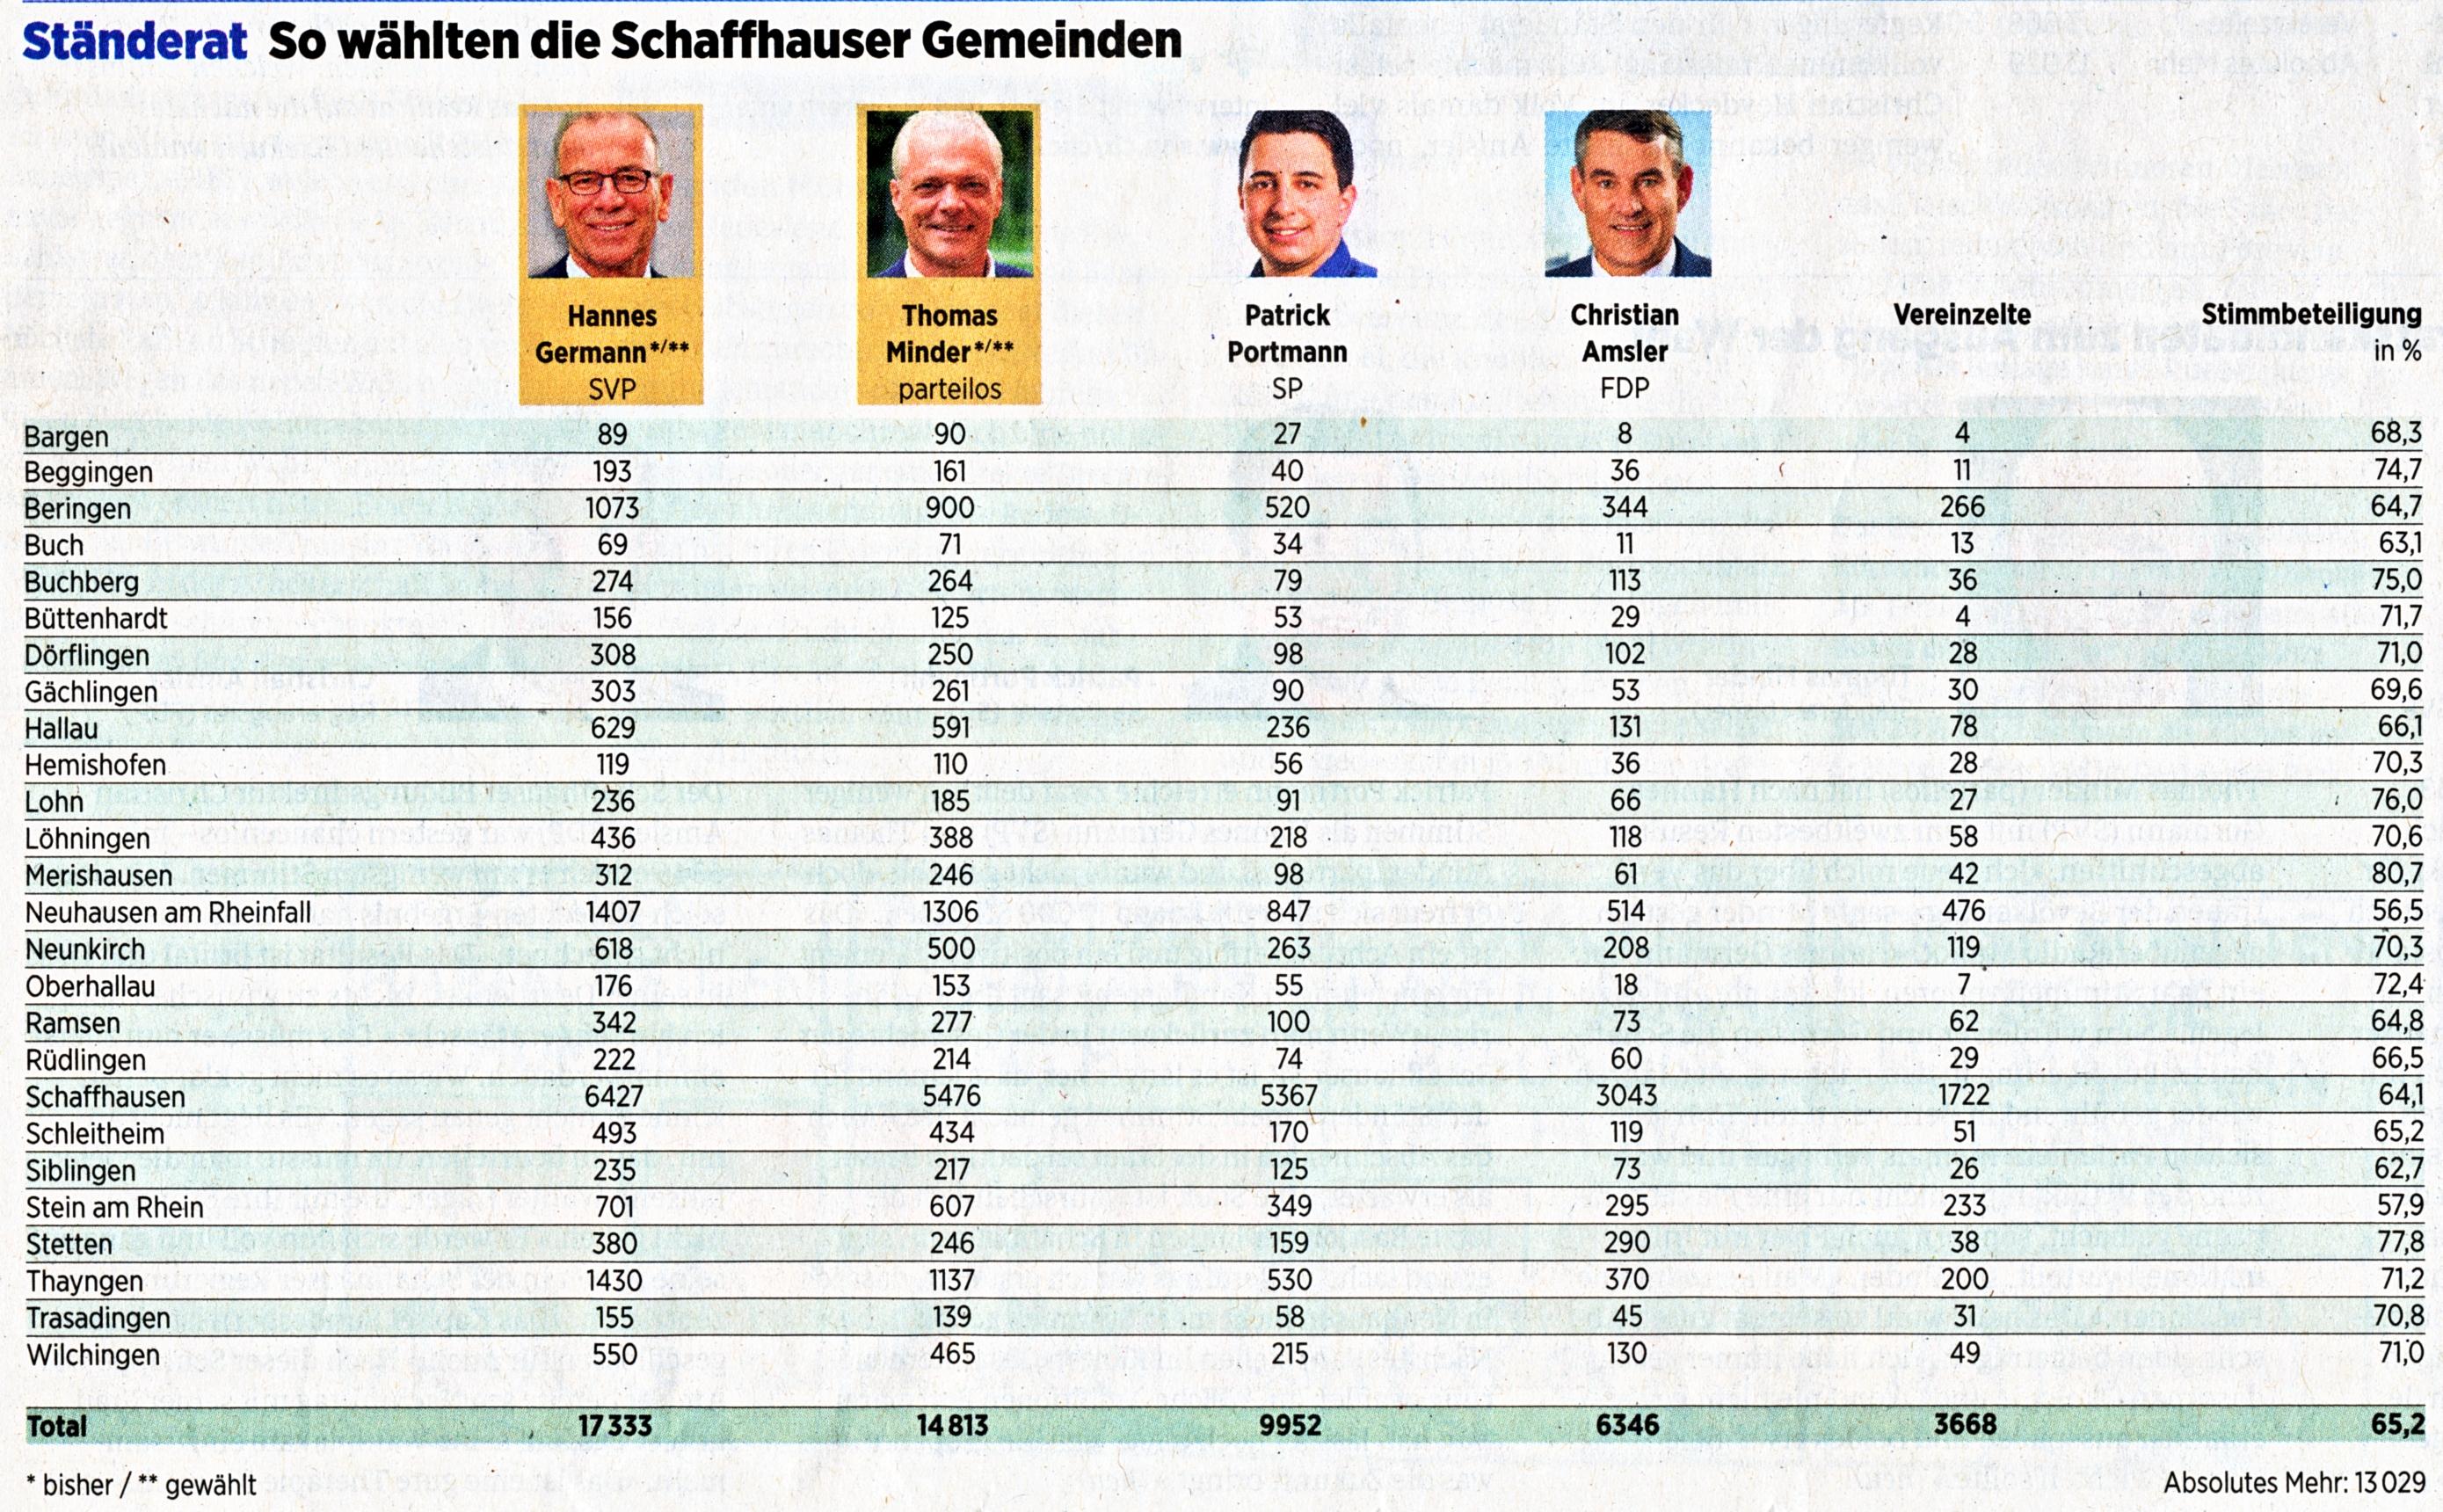 Wahlen2019_Gemeinderesultate